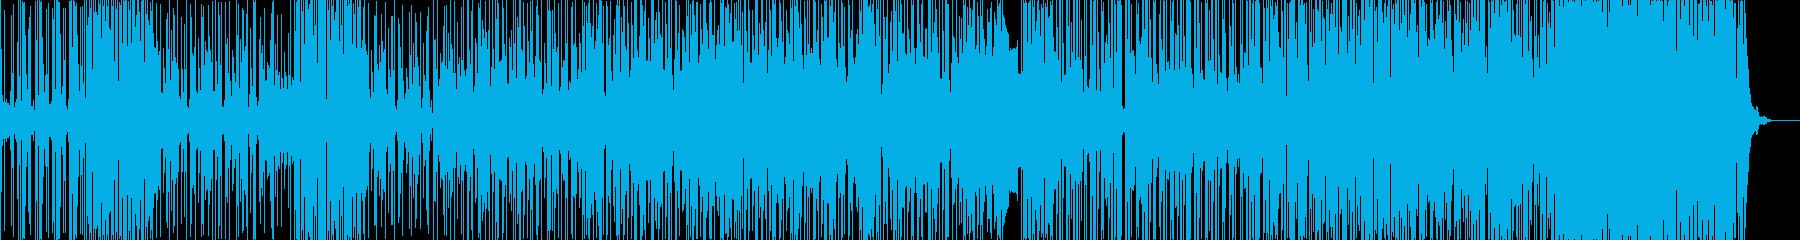 エキゾチックなサウンドのボーカルサ...の再生済みの波形